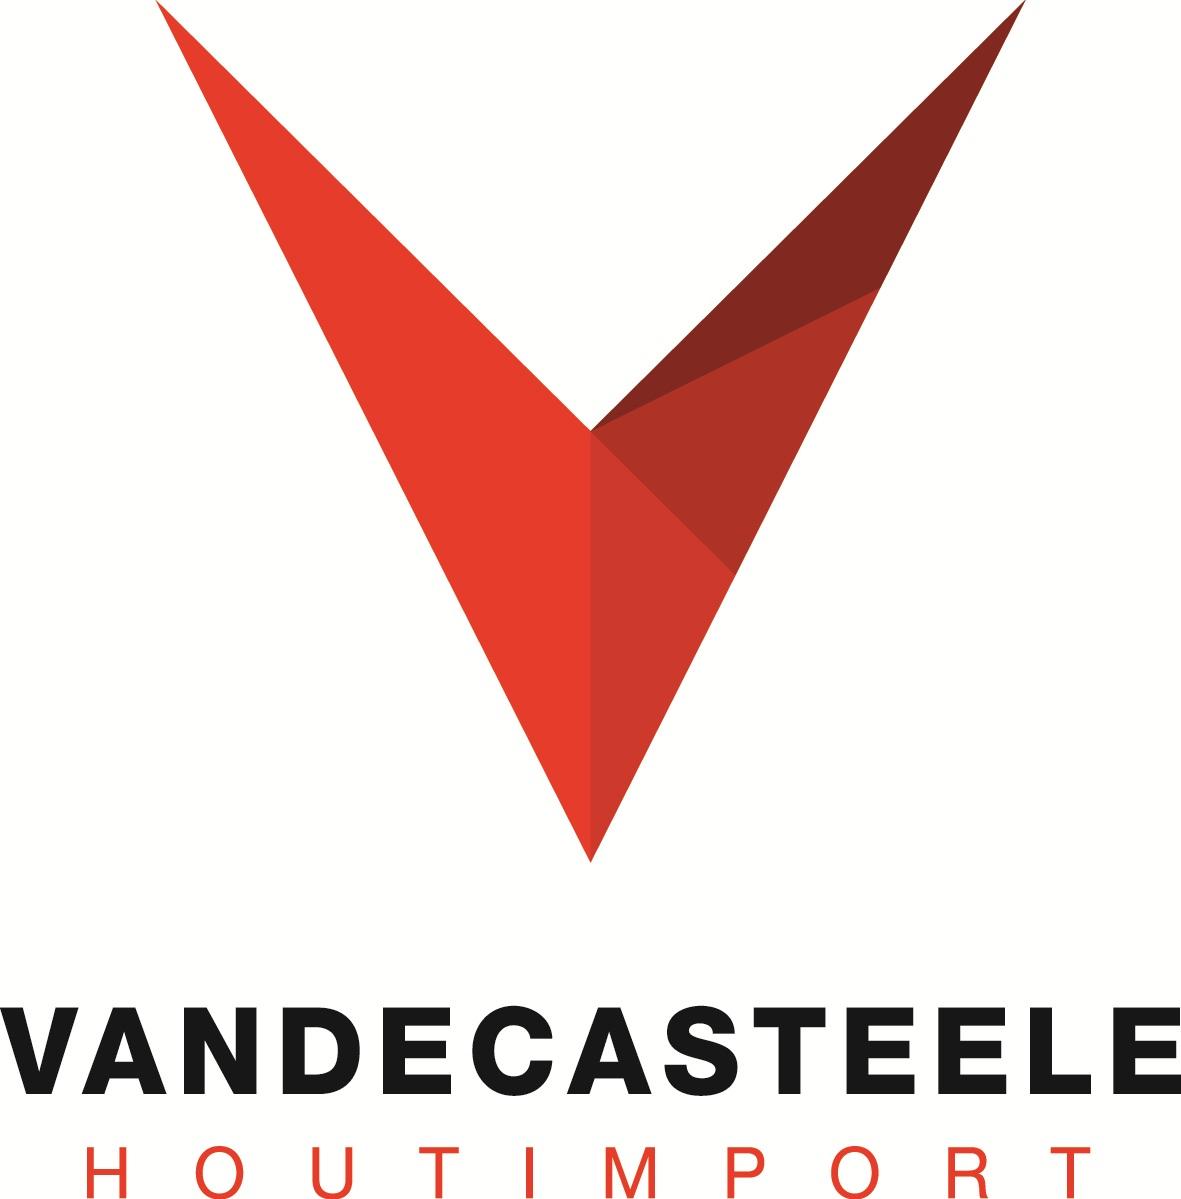 VANDECASTEELE HOUTIMPORT | Kortrijk